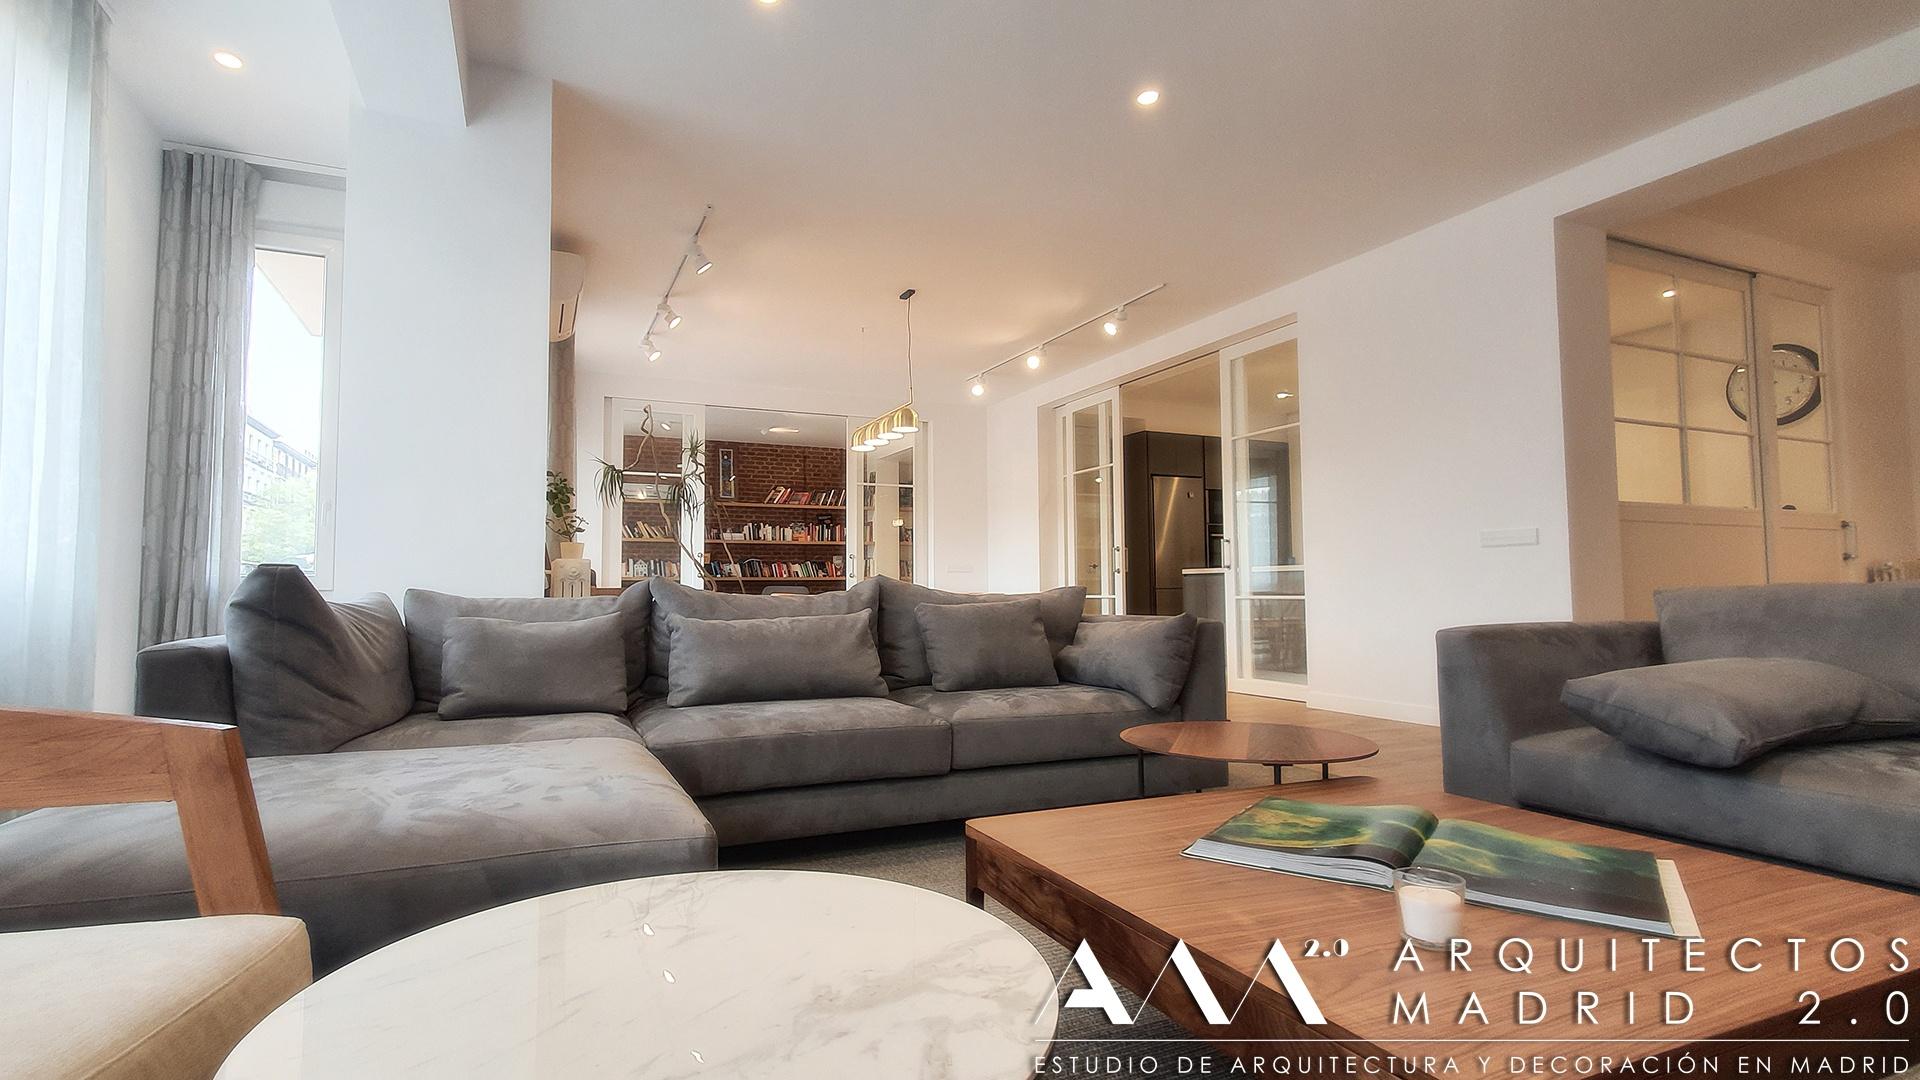 proyecto-reforma-integral-vivienda-arquitectos-madrid-ideas-decoracion-salon-cocina-home-interior-design-02